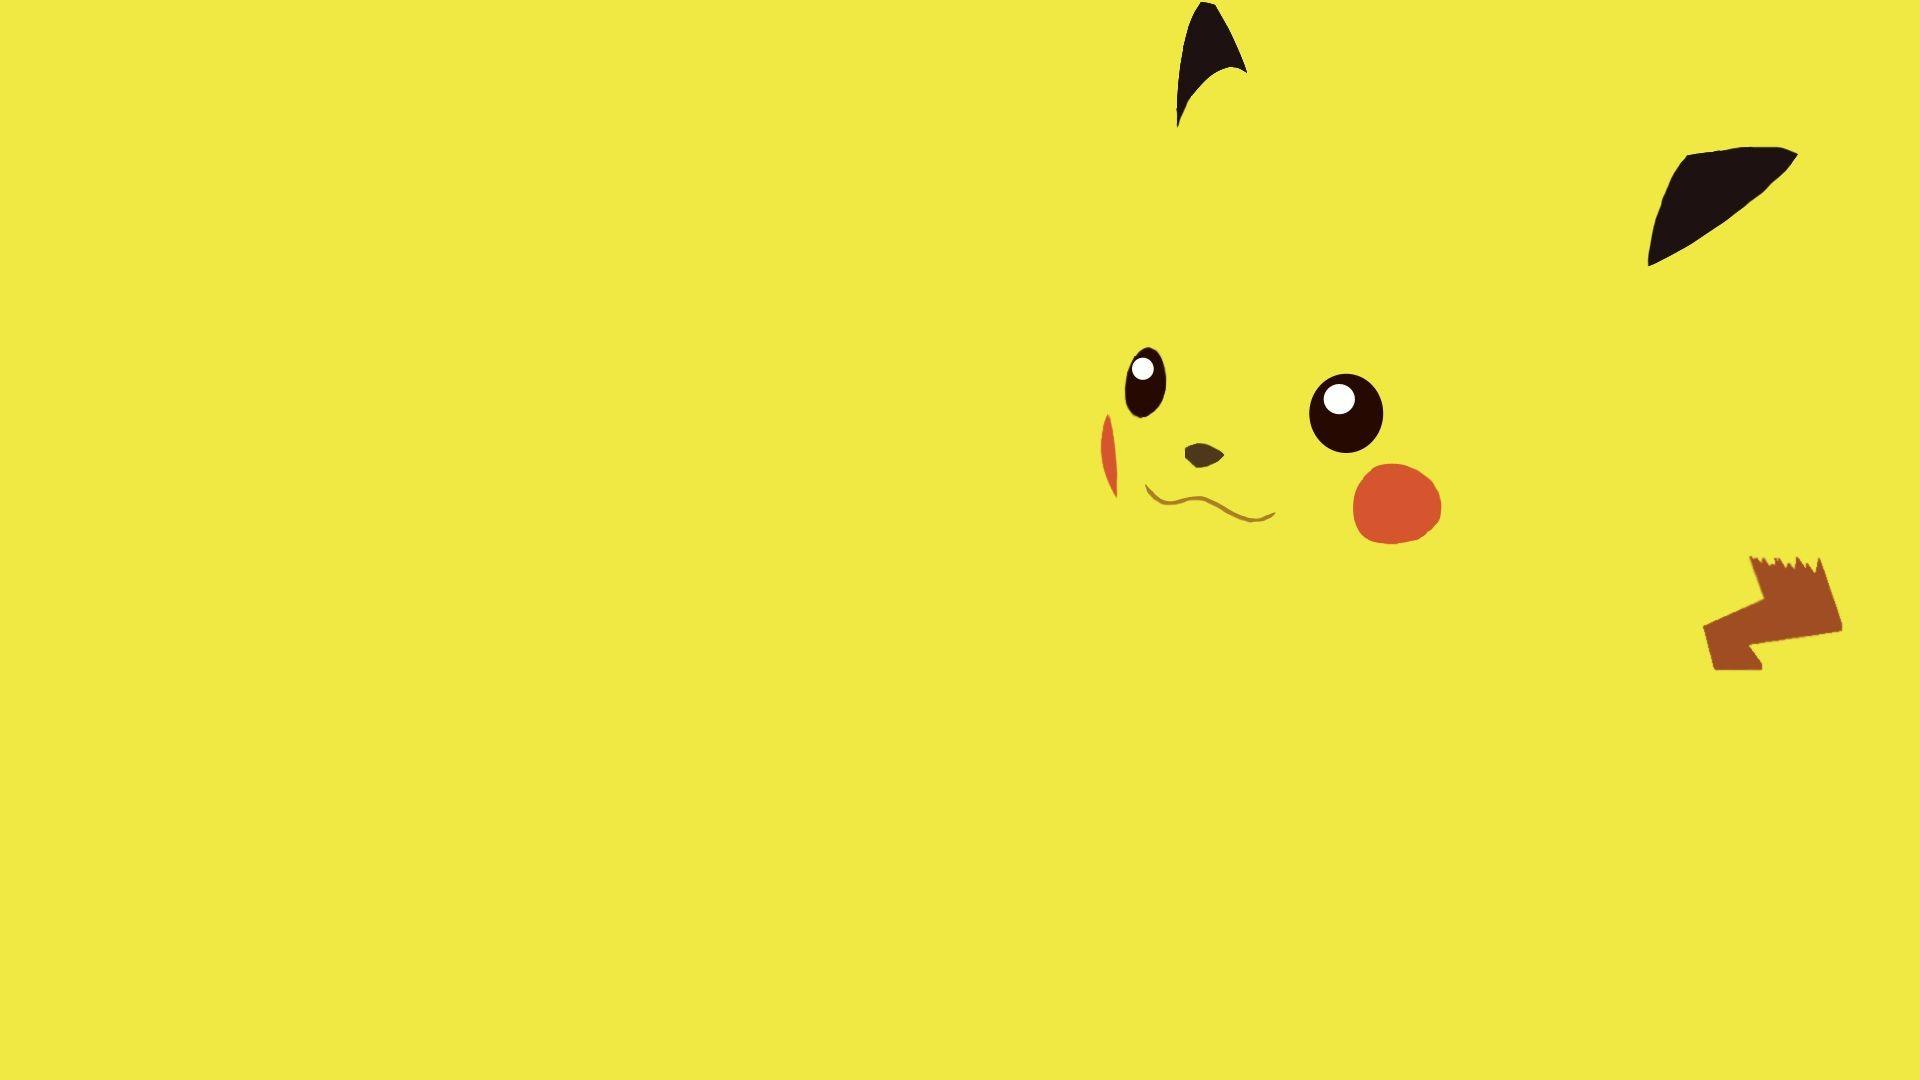 … HD Pikachu Wallpapers Pikachu Widescreen